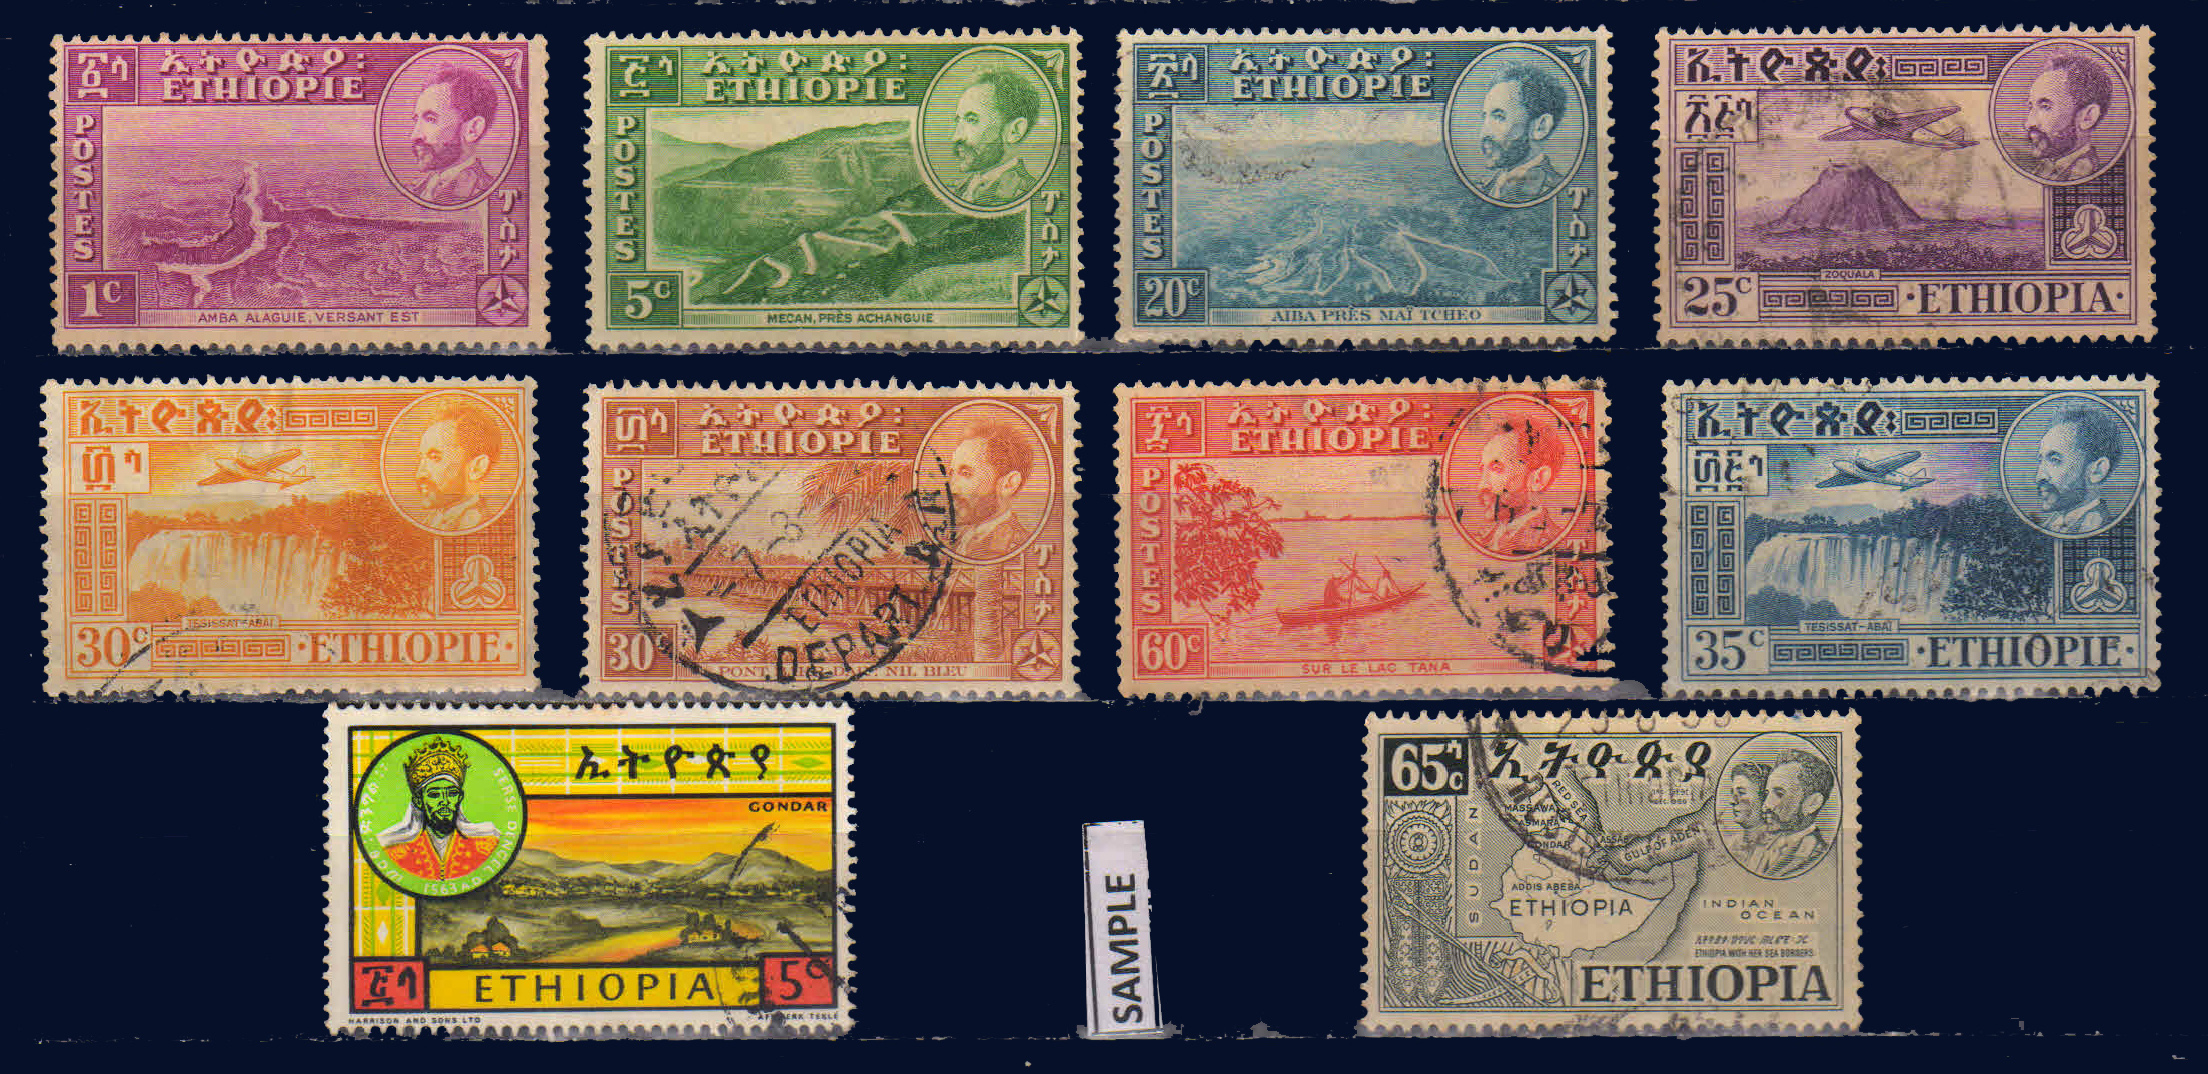 I dag kan man beställa frimärken via Internet